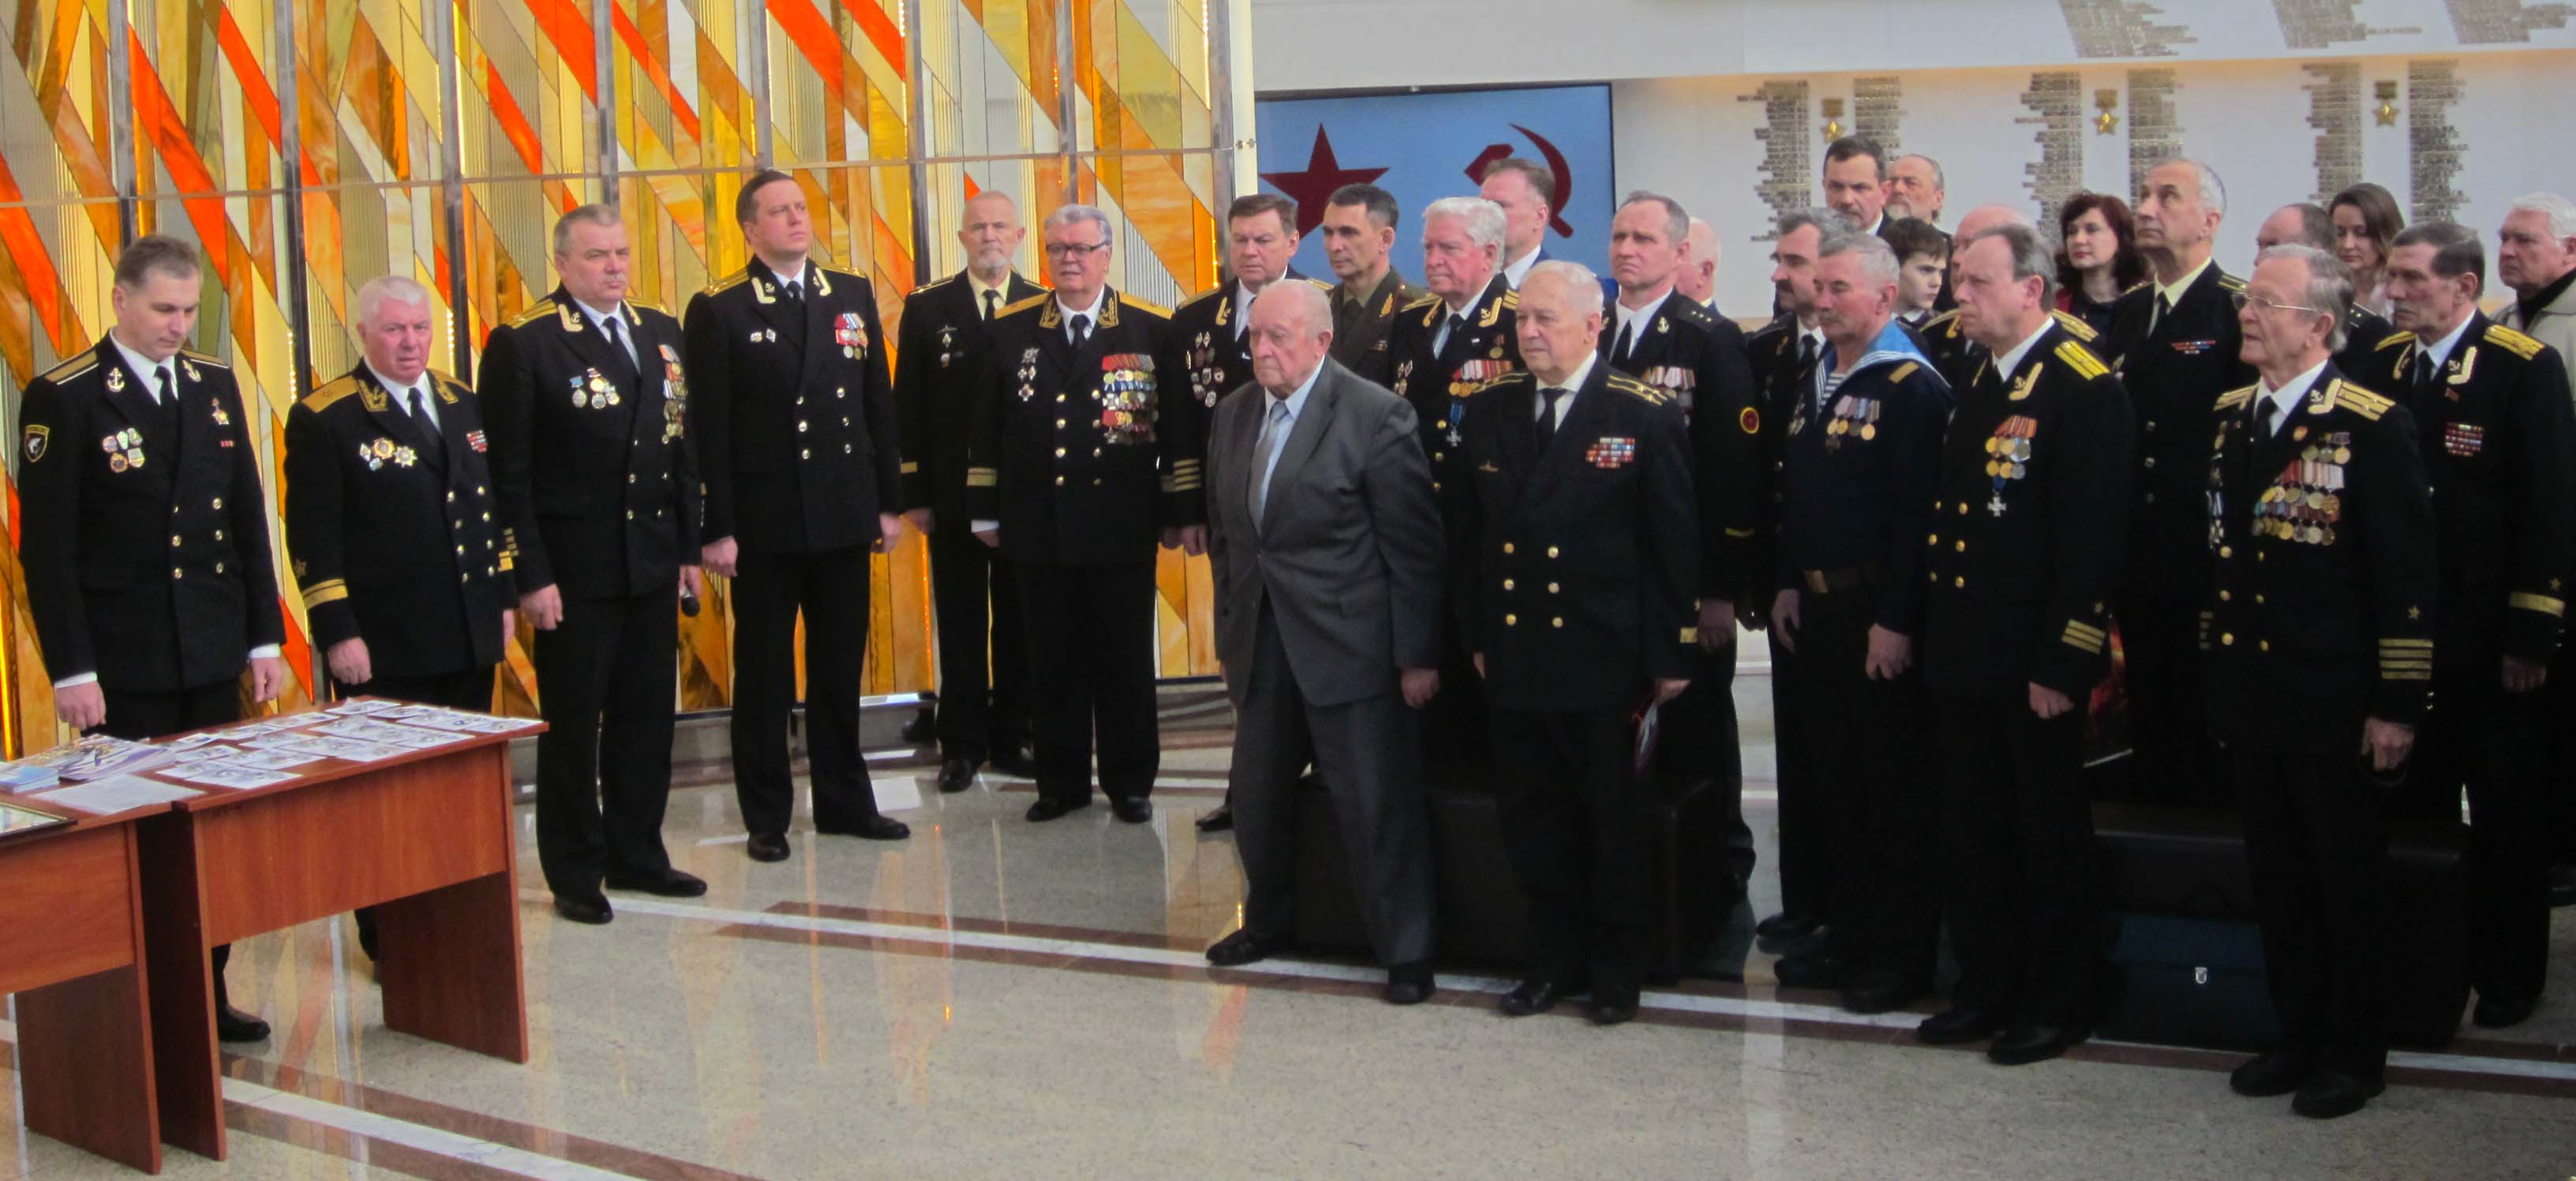 Члены Белорусского союза военных моряков в Зале Славы провели торжественную церемонию